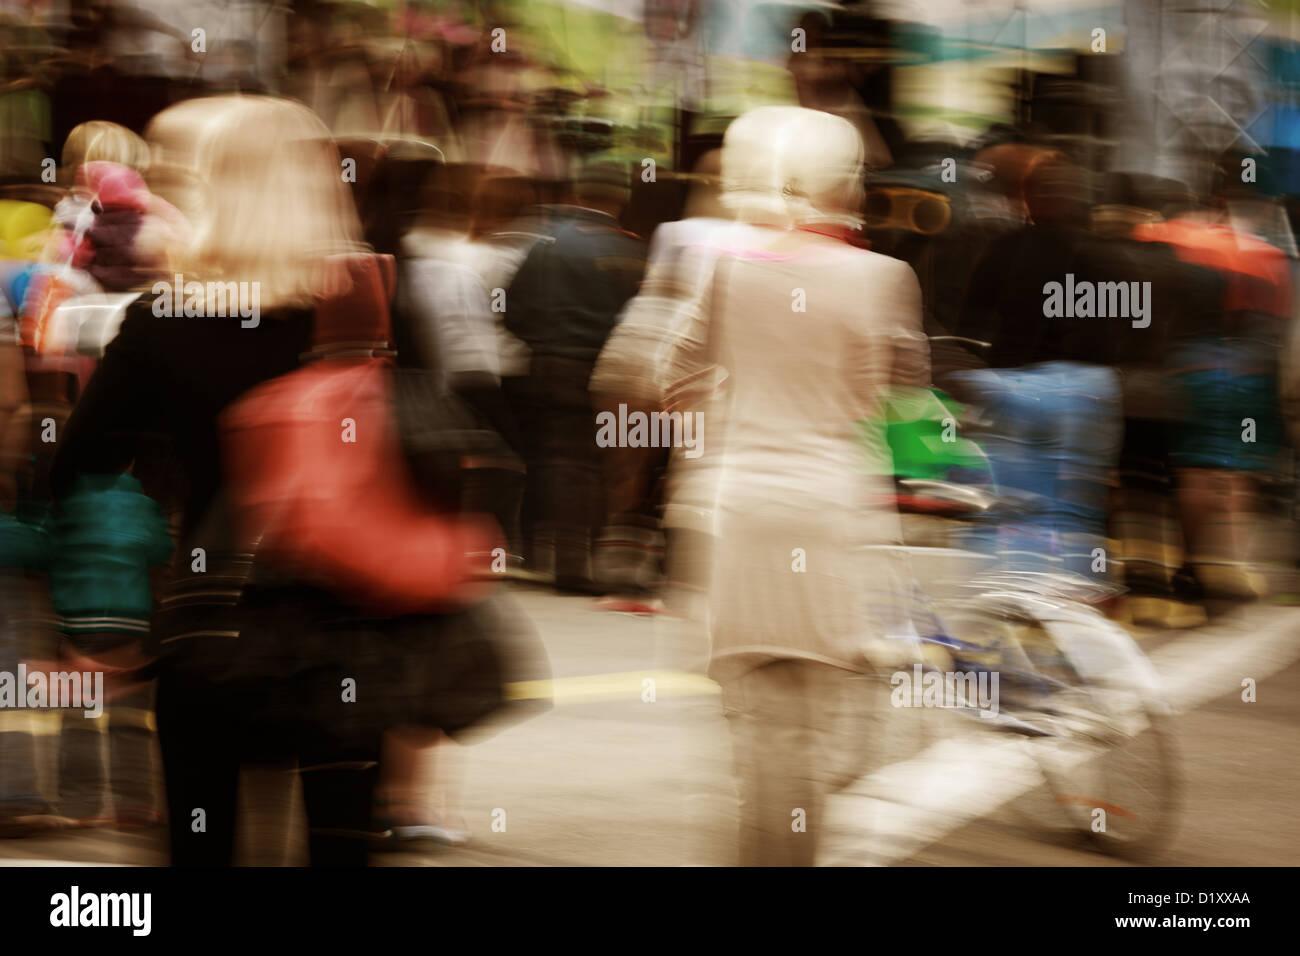 La gente a piedi in motion blur Immagini Stock